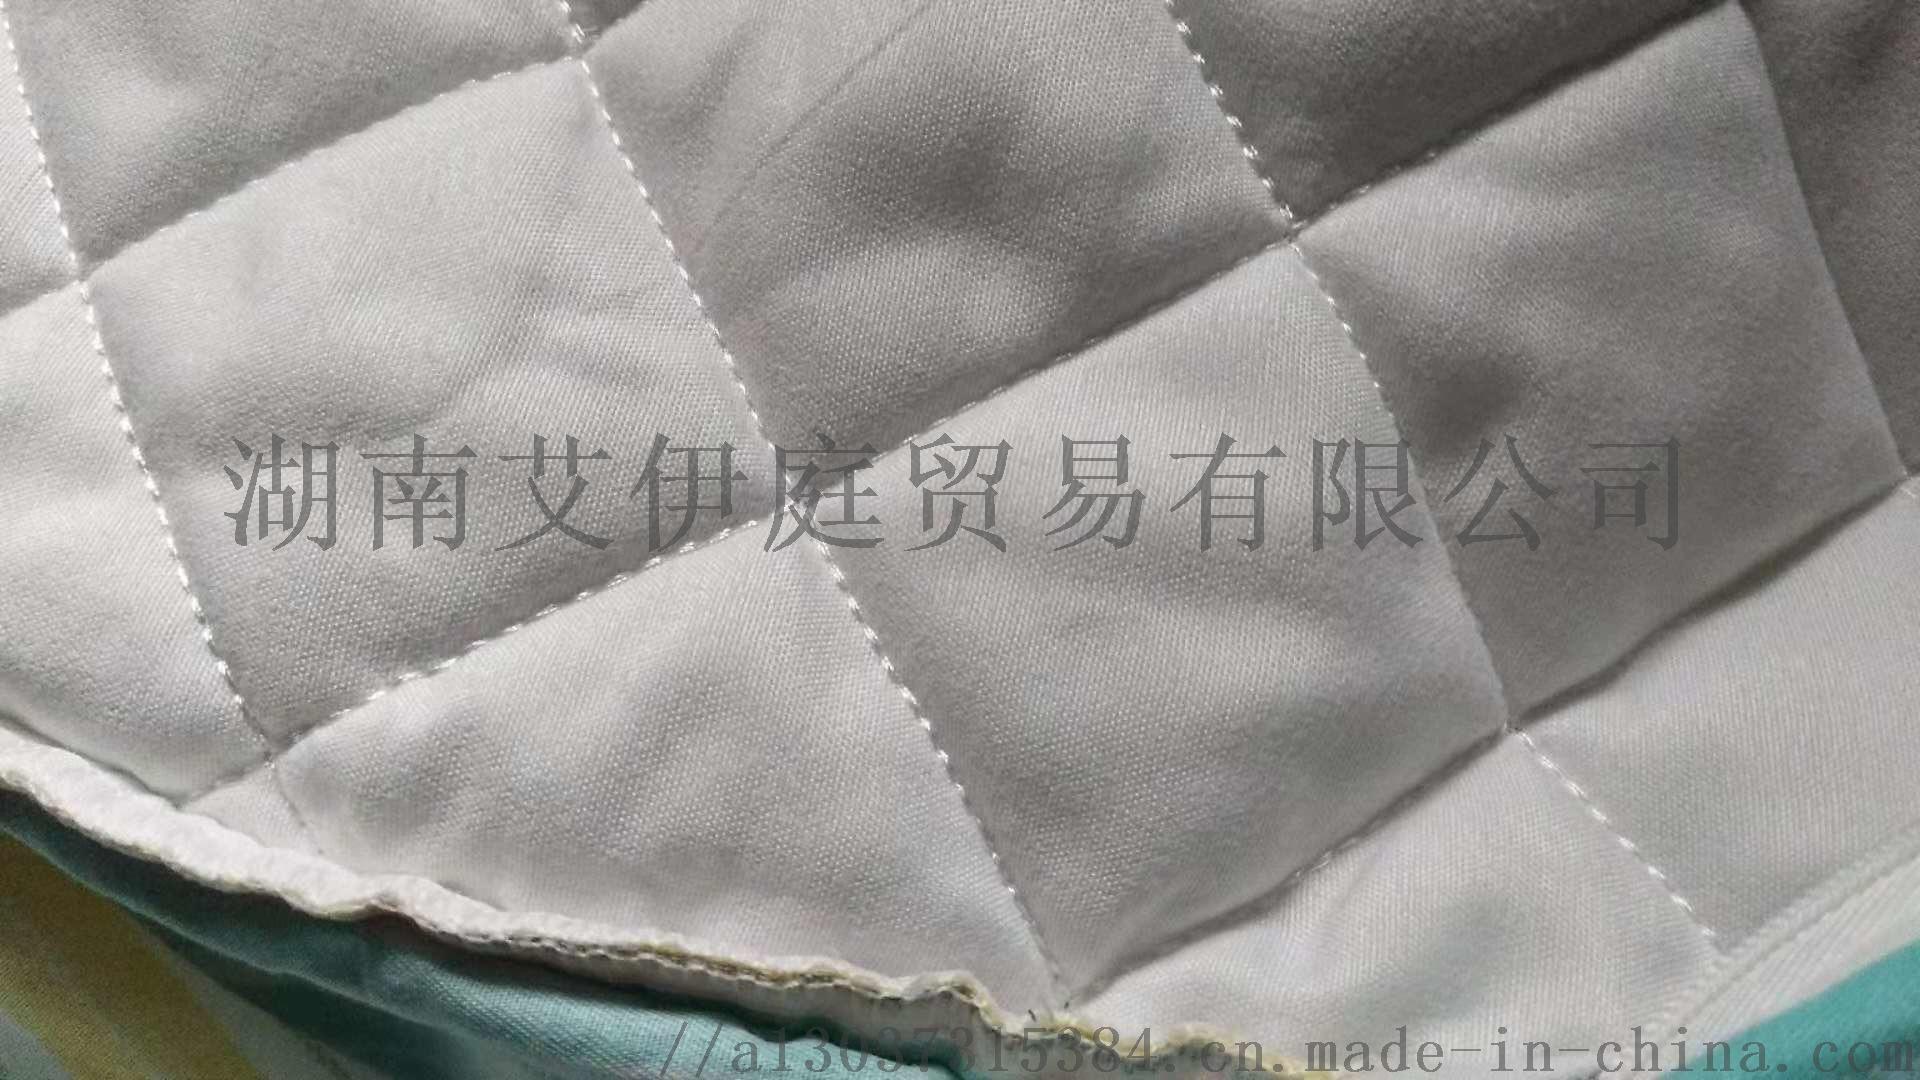 廣東廣州幼兒園被子兒童被套四件套兒童牀上用品廠家783851762